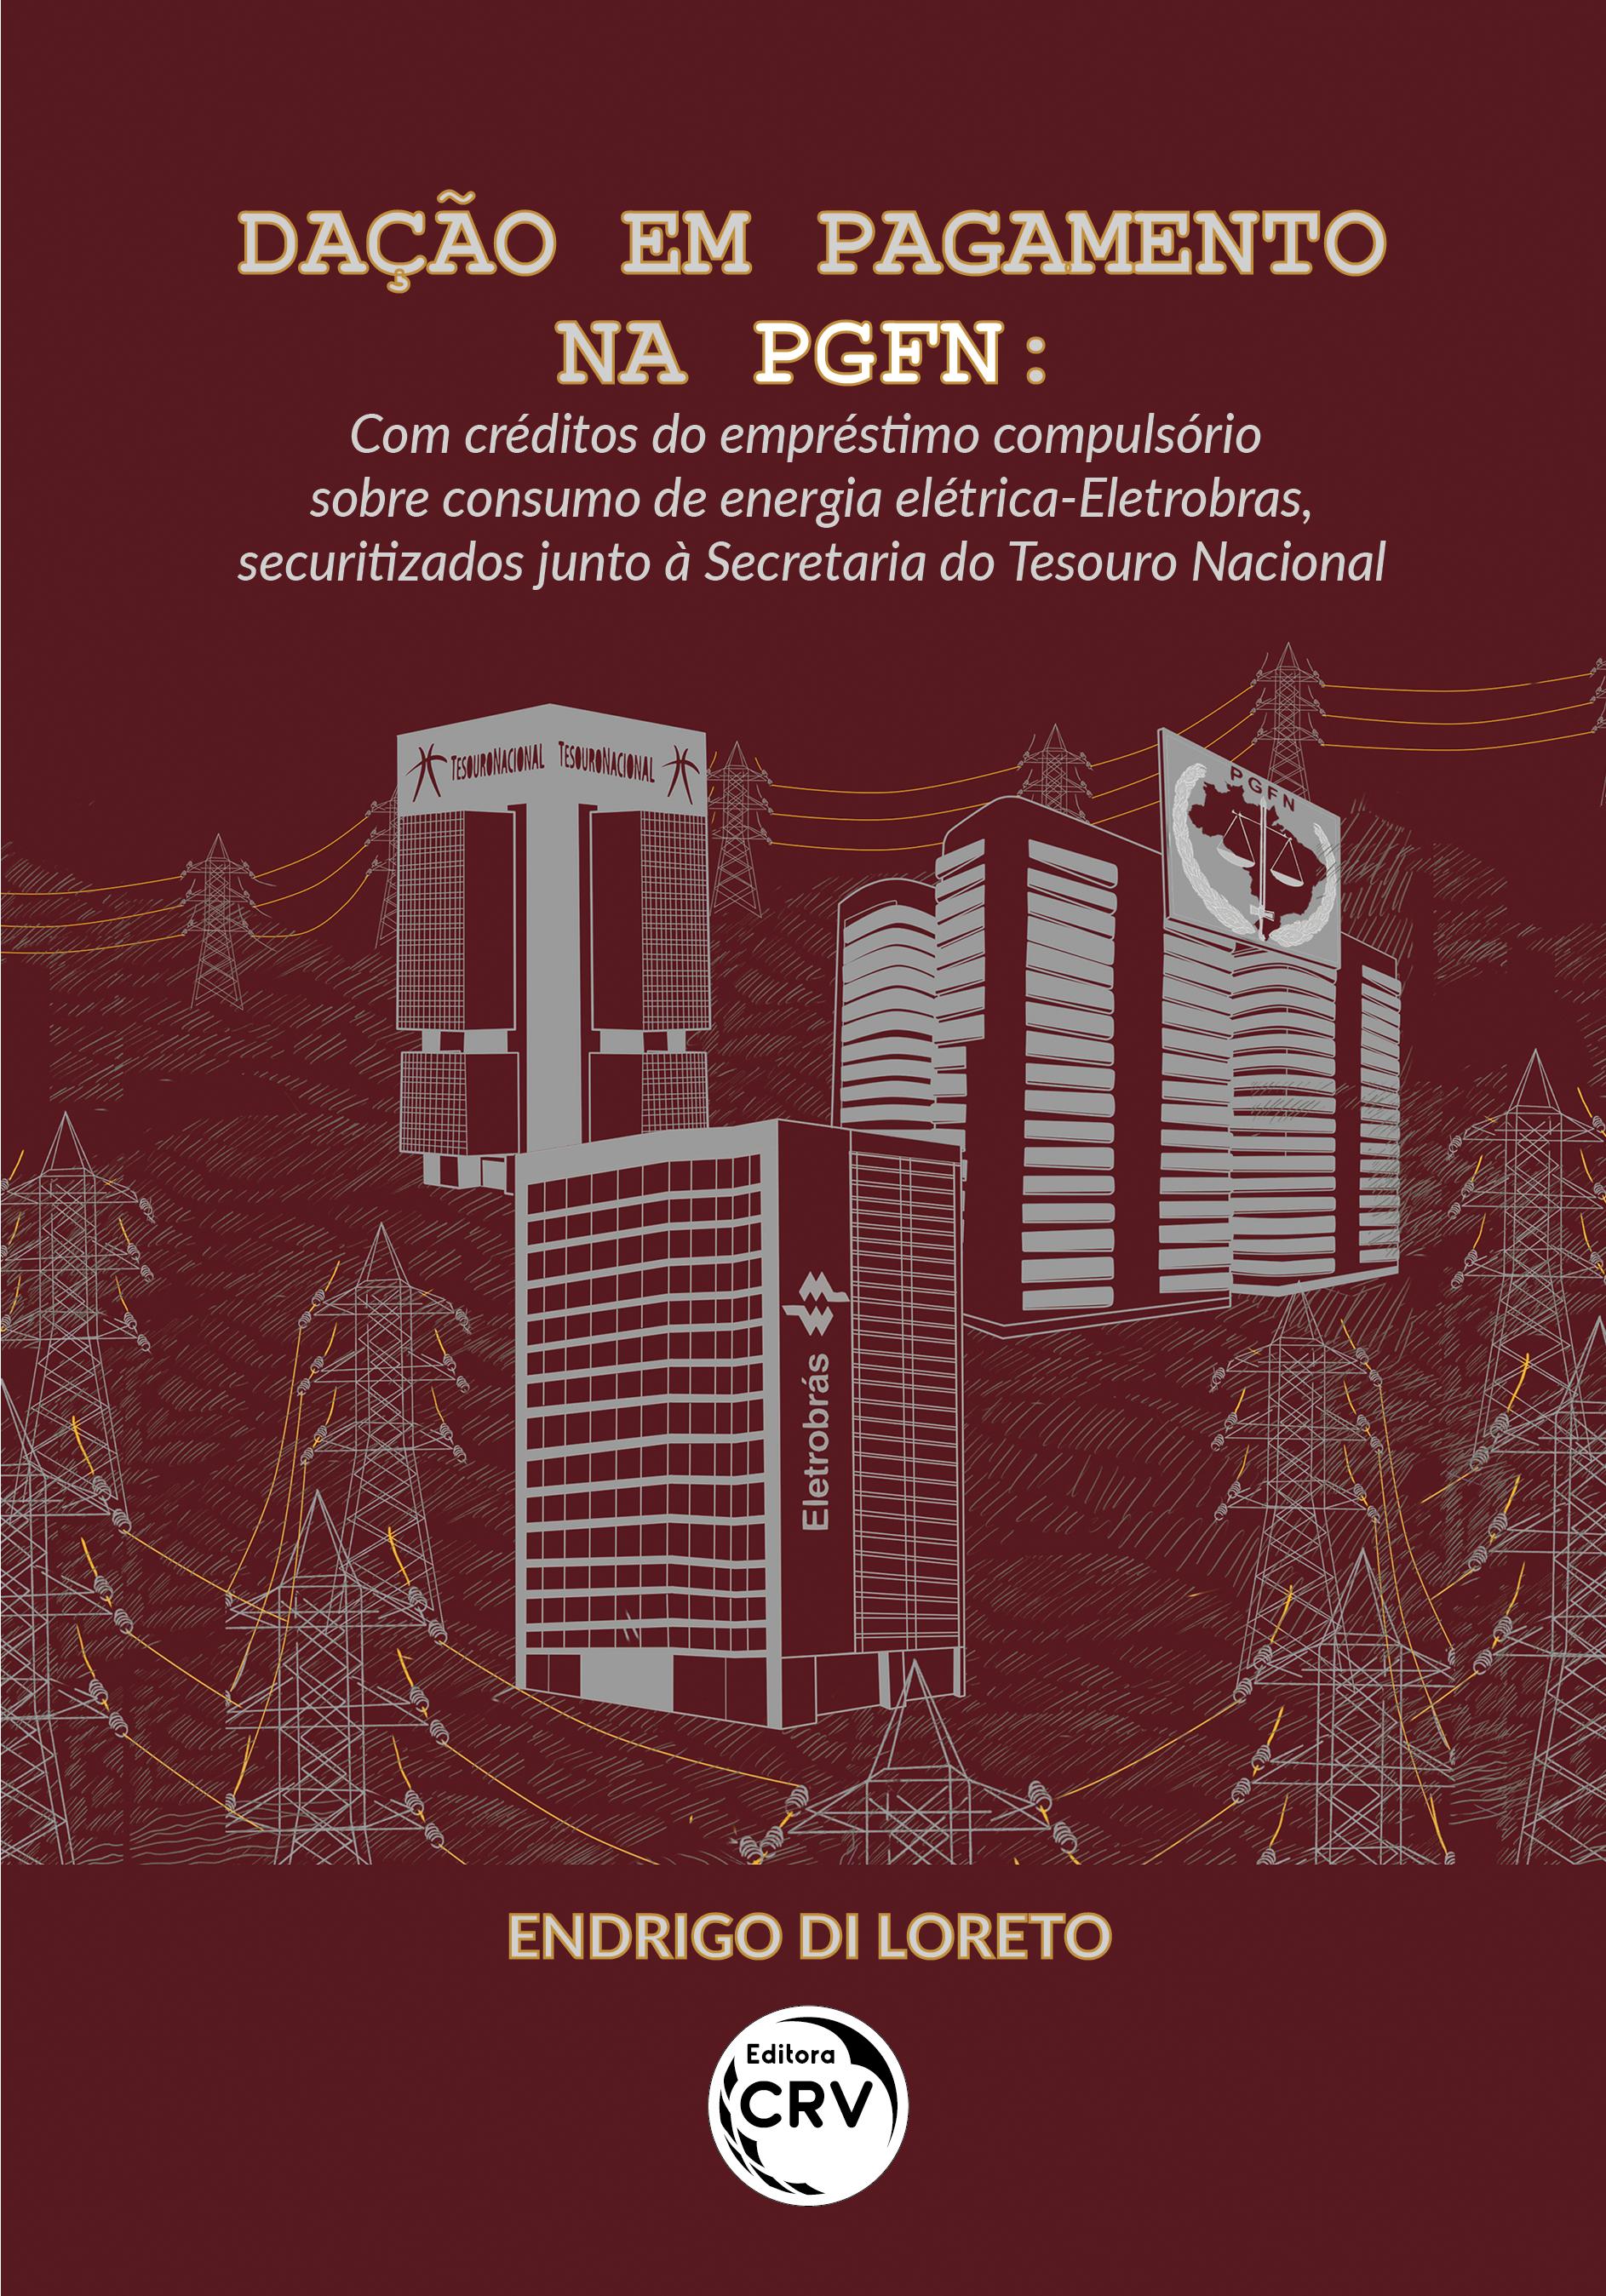 Capa do livro: DAÇÃO EM PAGAMENTO NA PGFN:  <br>com créditos do empréstimo compulsório sobre consumo de energia elétrica-Eletrobras, securitizados junto à Secretaria do Tesouro Nacional